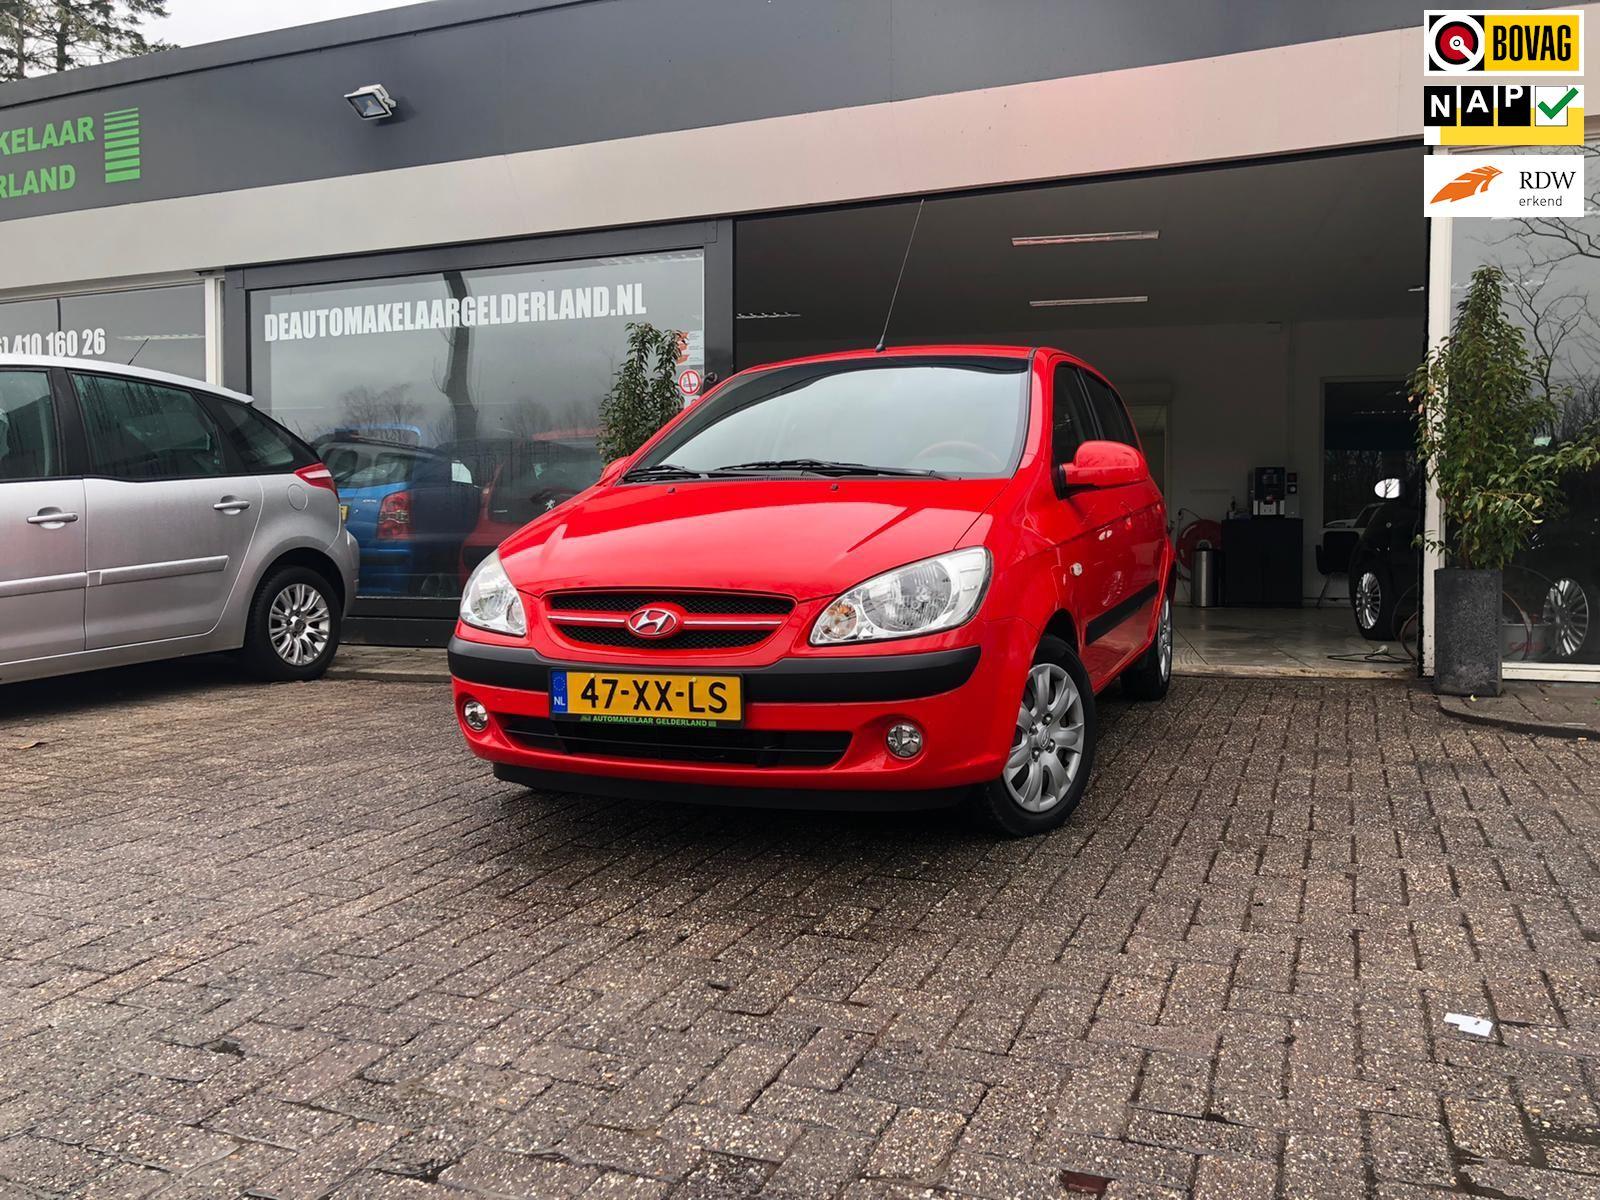 Hyundai Getz occasion - De Automakelaar Gelderland